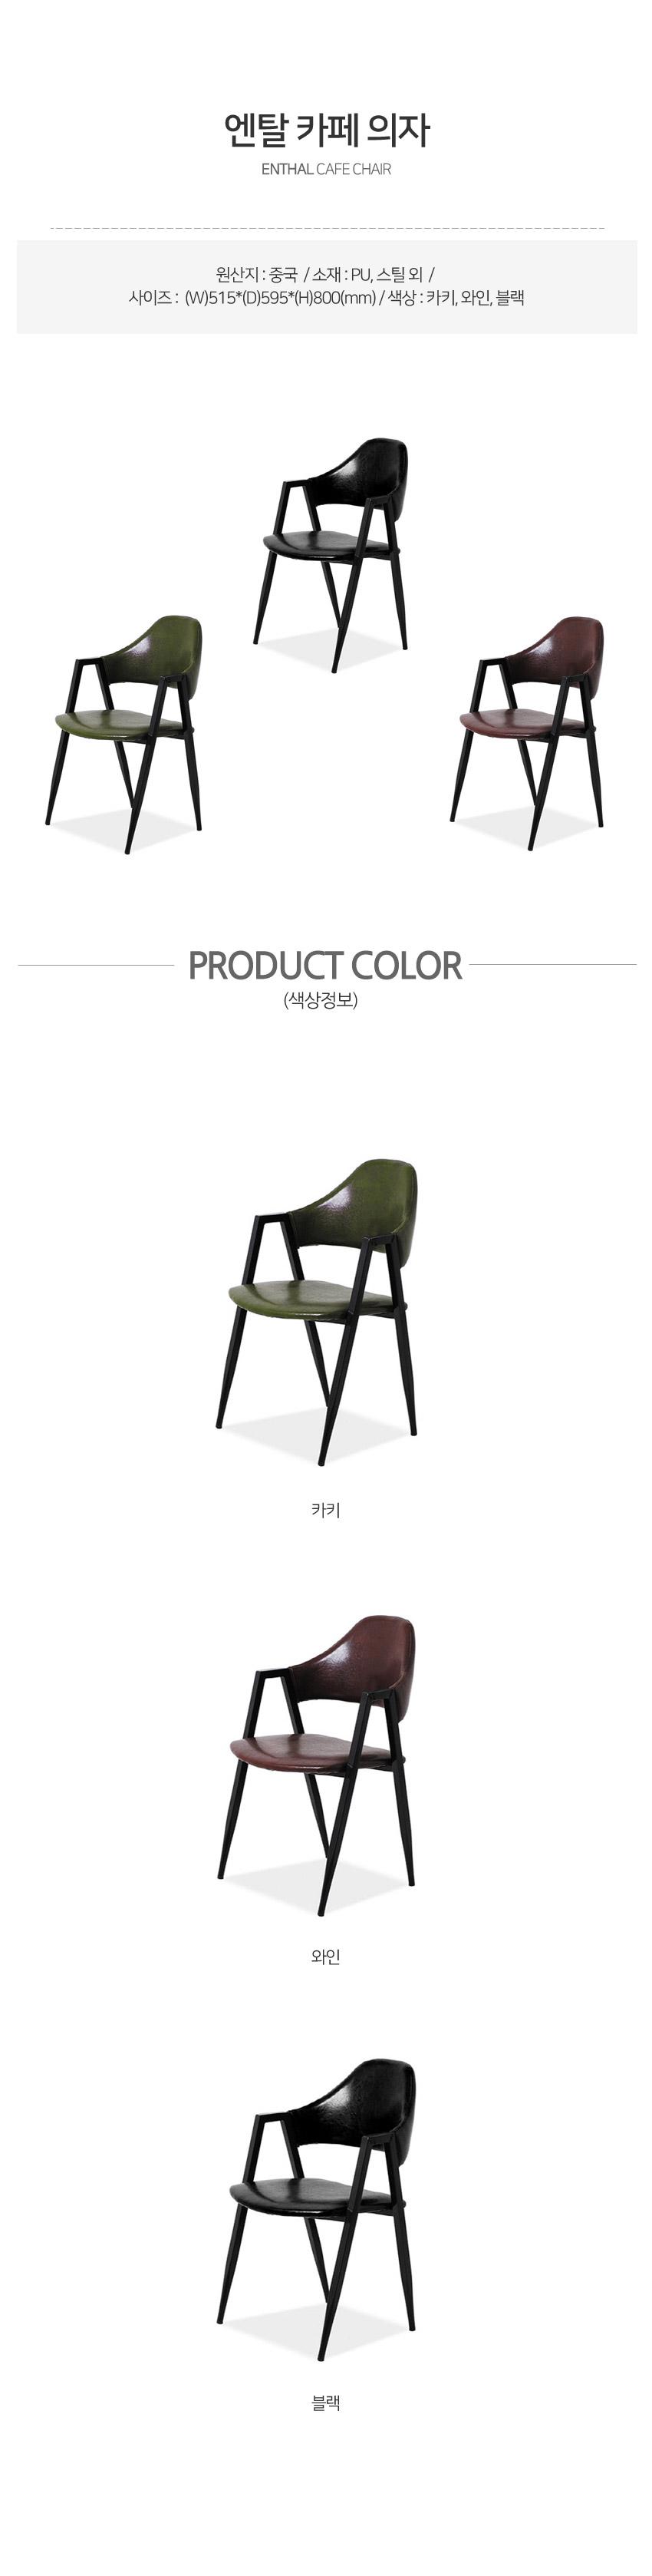 엔탈 카페 의자 - 히트디자인, 64,900원, 디자인 의자, 인테리어의자